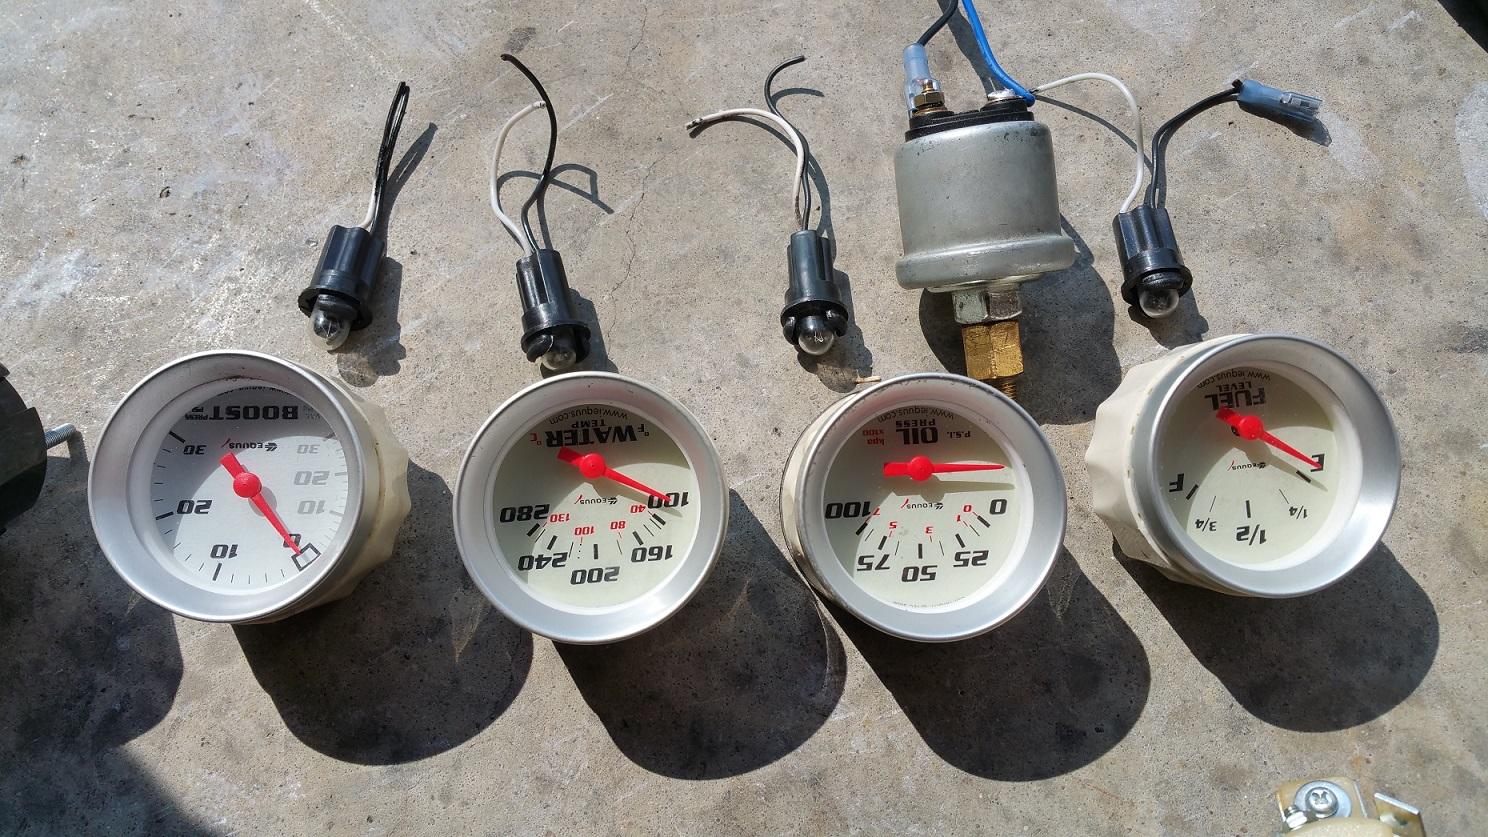 Honda Civic Wiring Diagram Gauges Aem Wideband Oil Pressure Water Temp And More